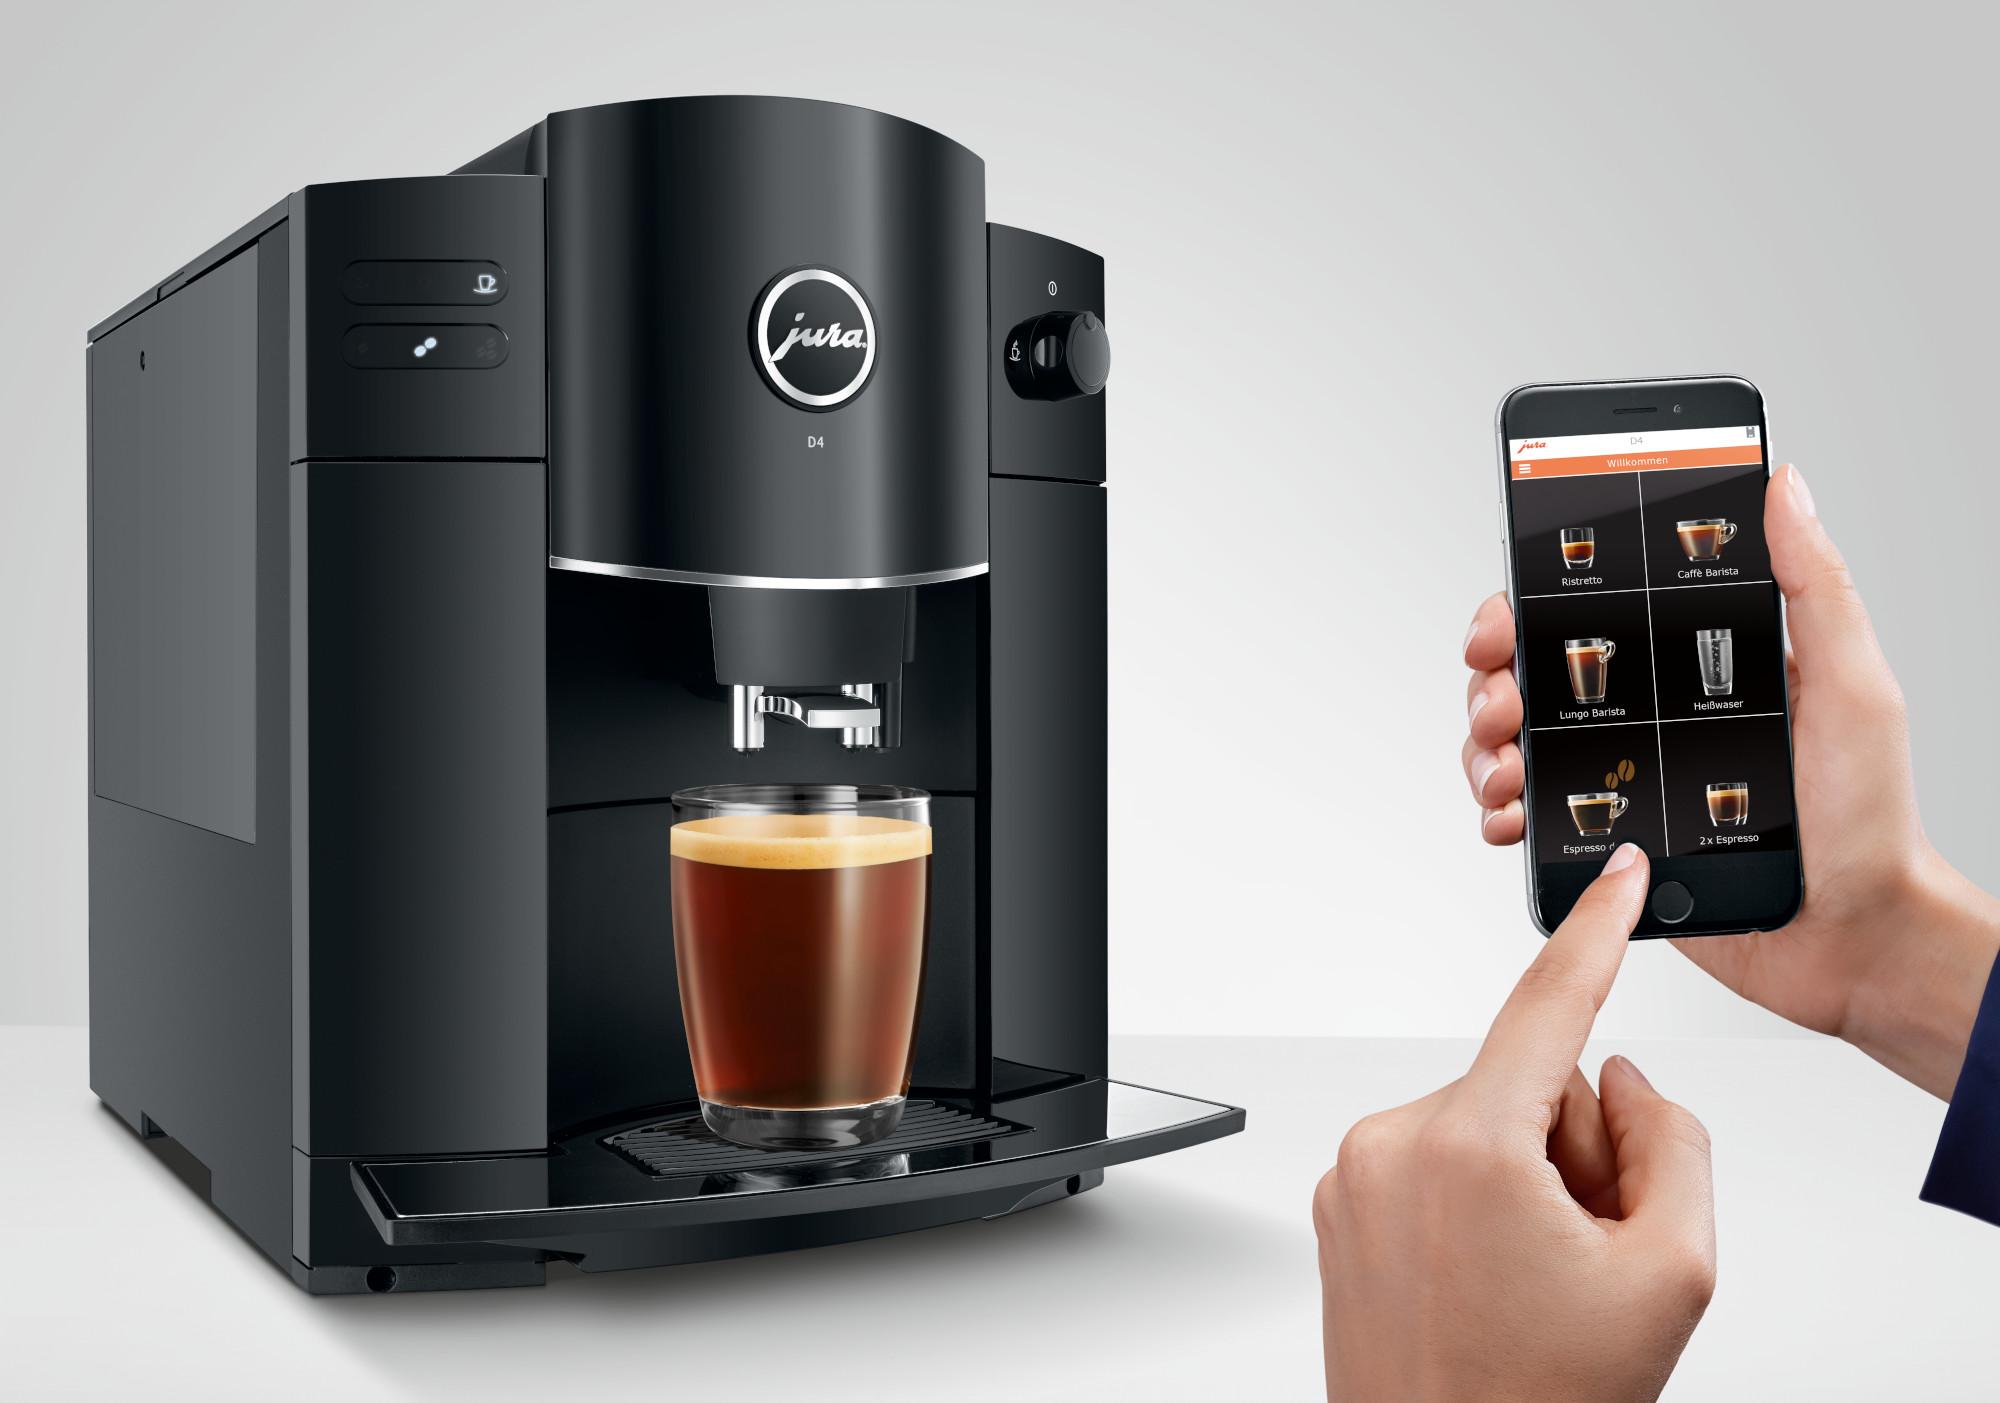 Mit der Smartphone-App J.O.E. könnt ihr aus dem Kaffeevollautomat Jura D4 noch mehr herausholen (Bild: Jura)